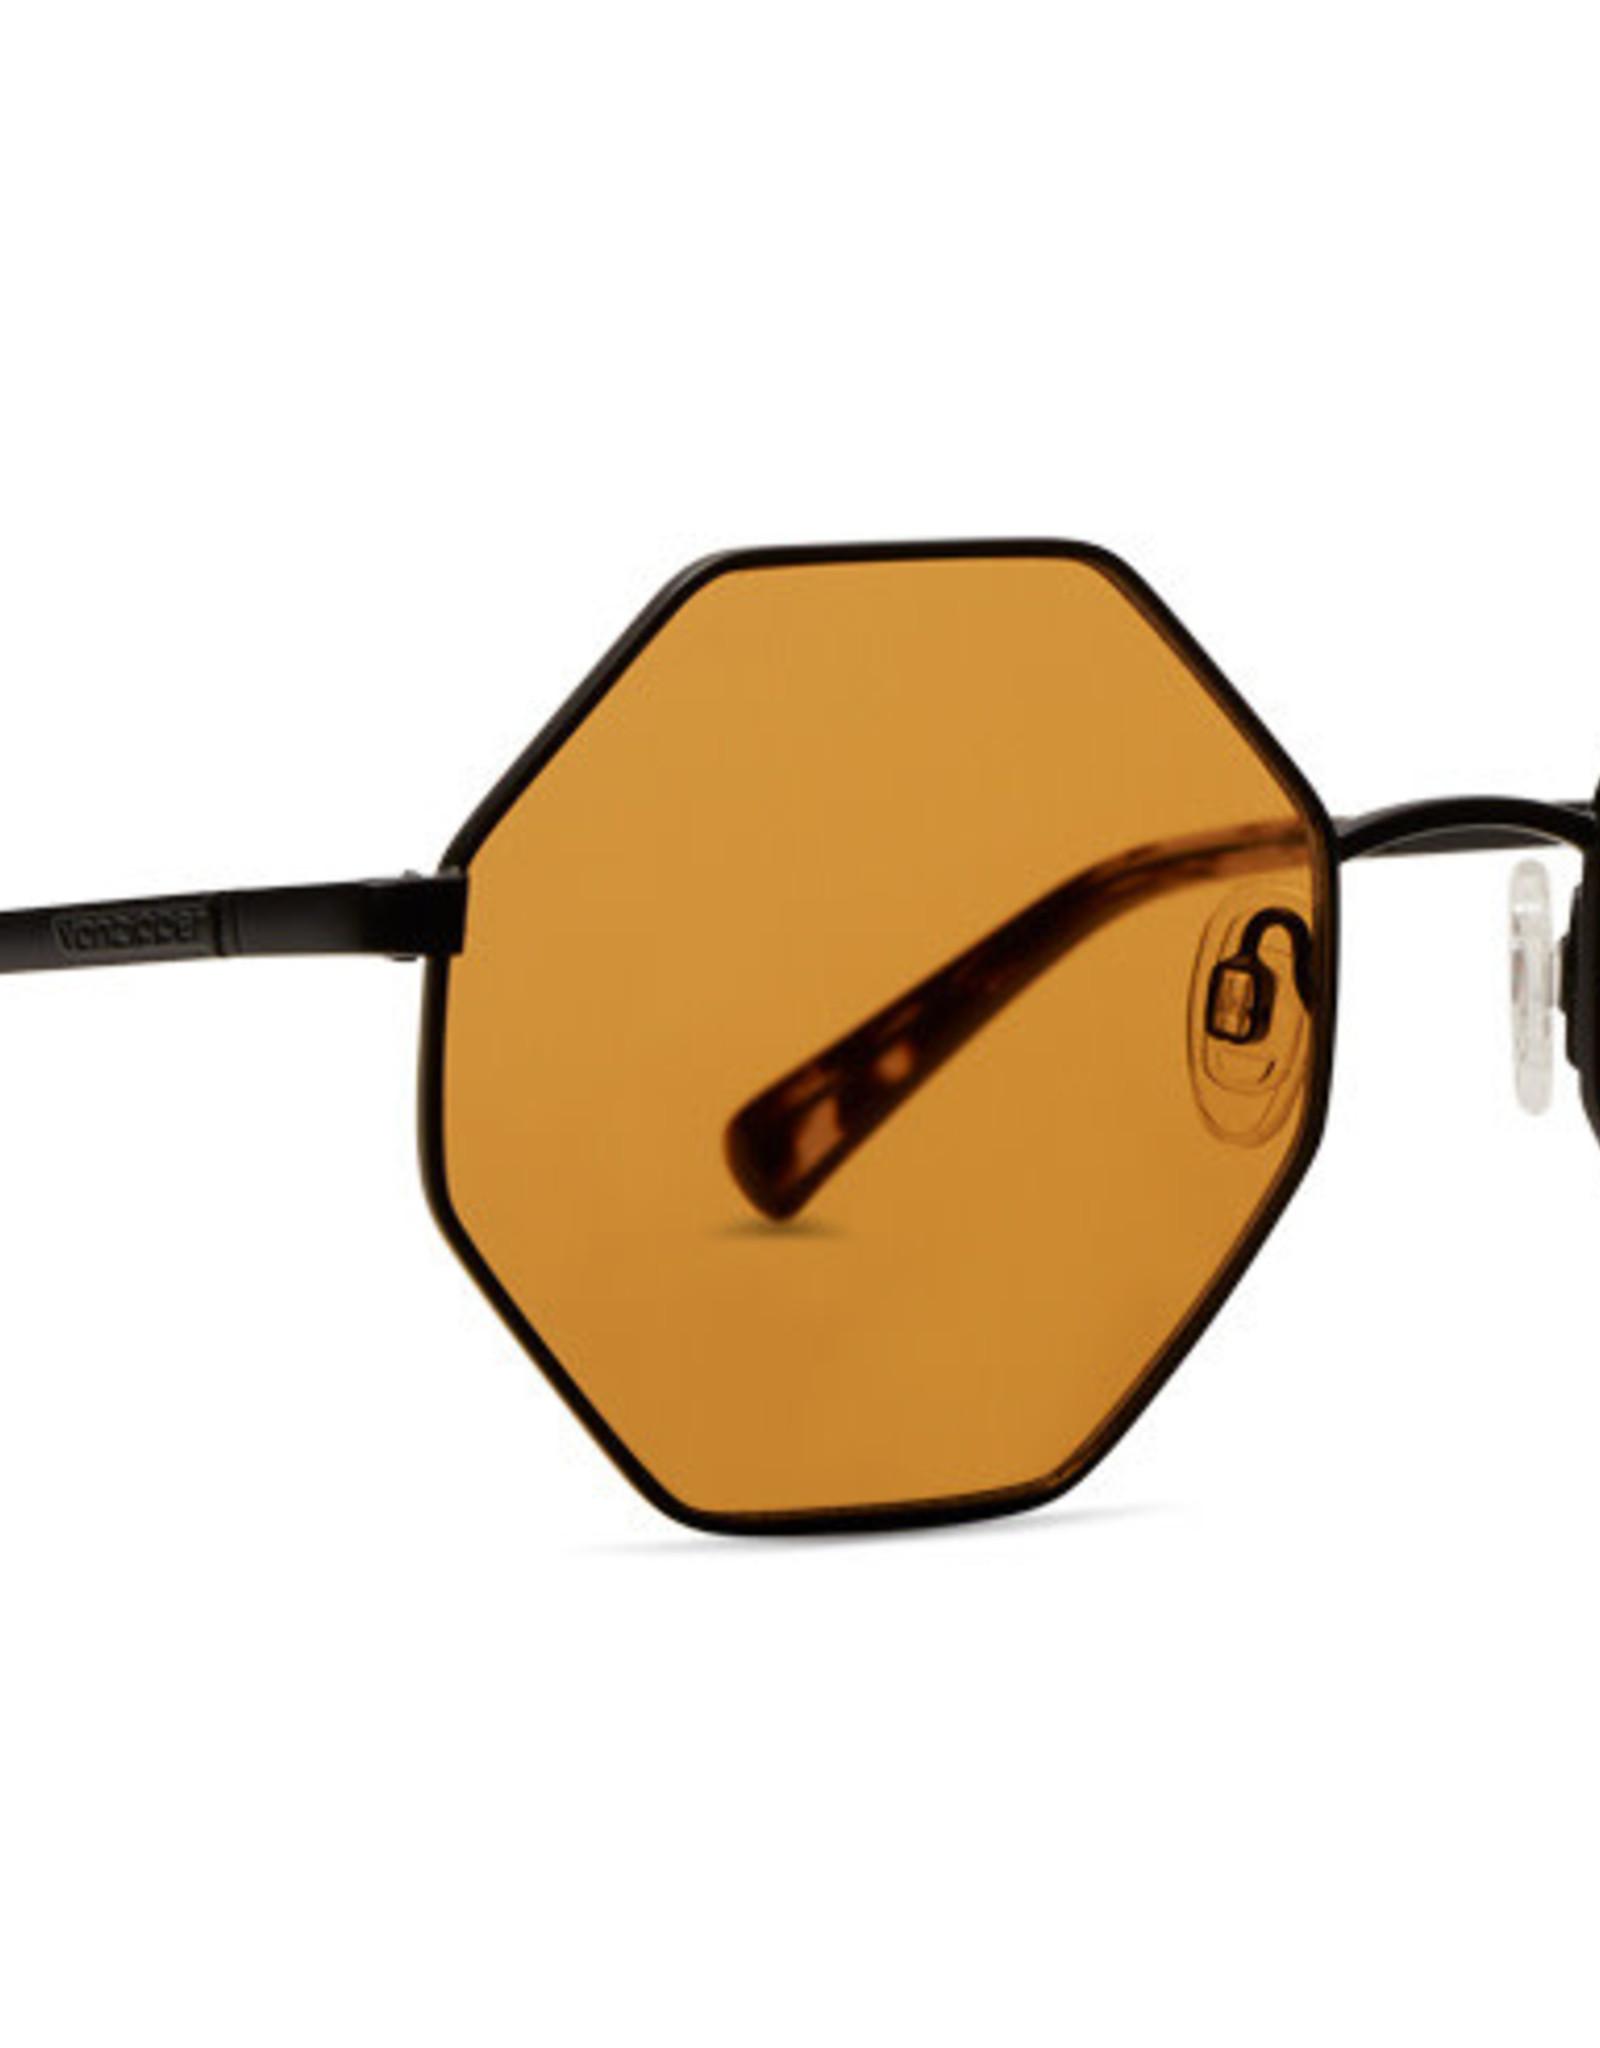 Von Zipper VZ - PEARL - Satin Black w/ Amber Orange